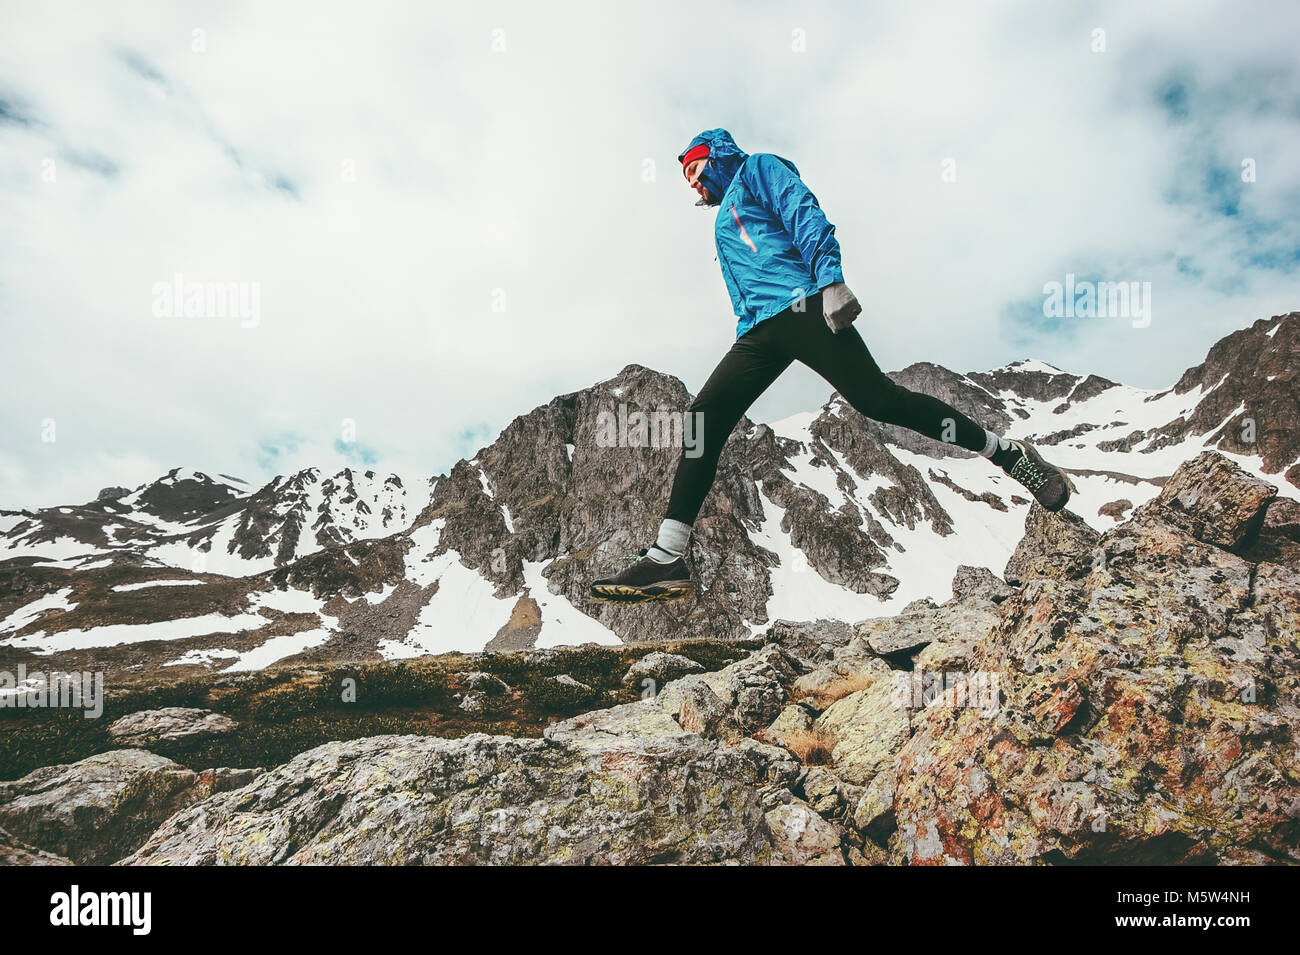 Homme actif fonctionnant en mode de vie sain aventure voyage montagne vacances concept personne athlétique Photo Stock